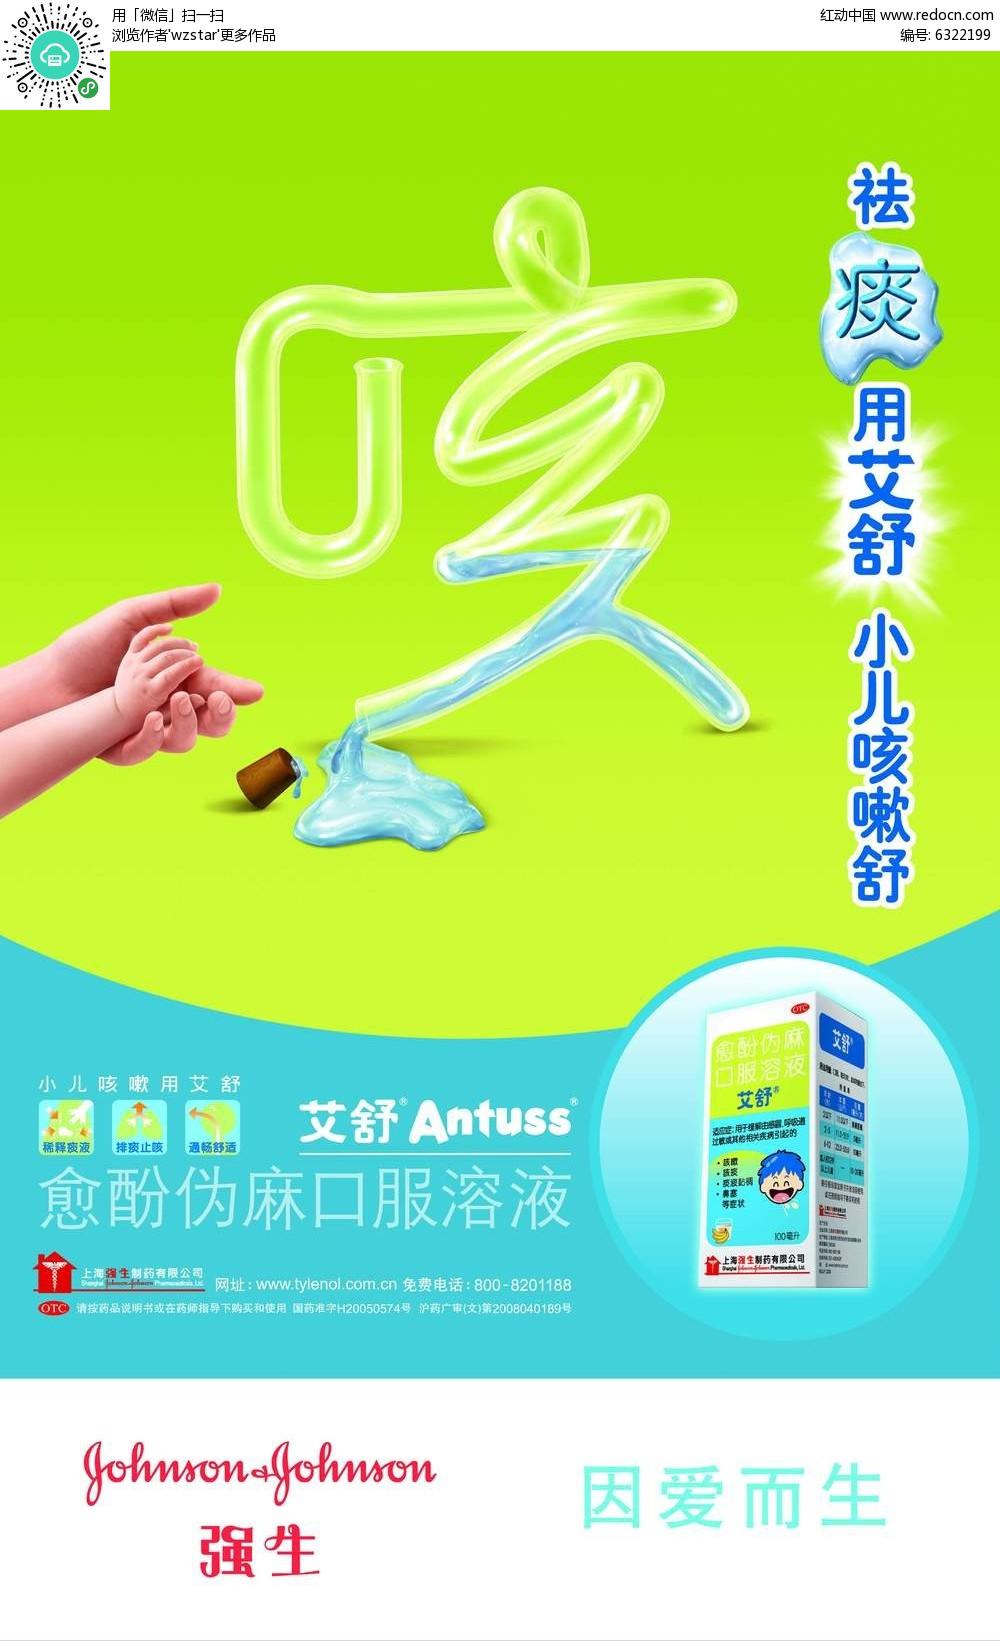 咳嗽药品海报图片